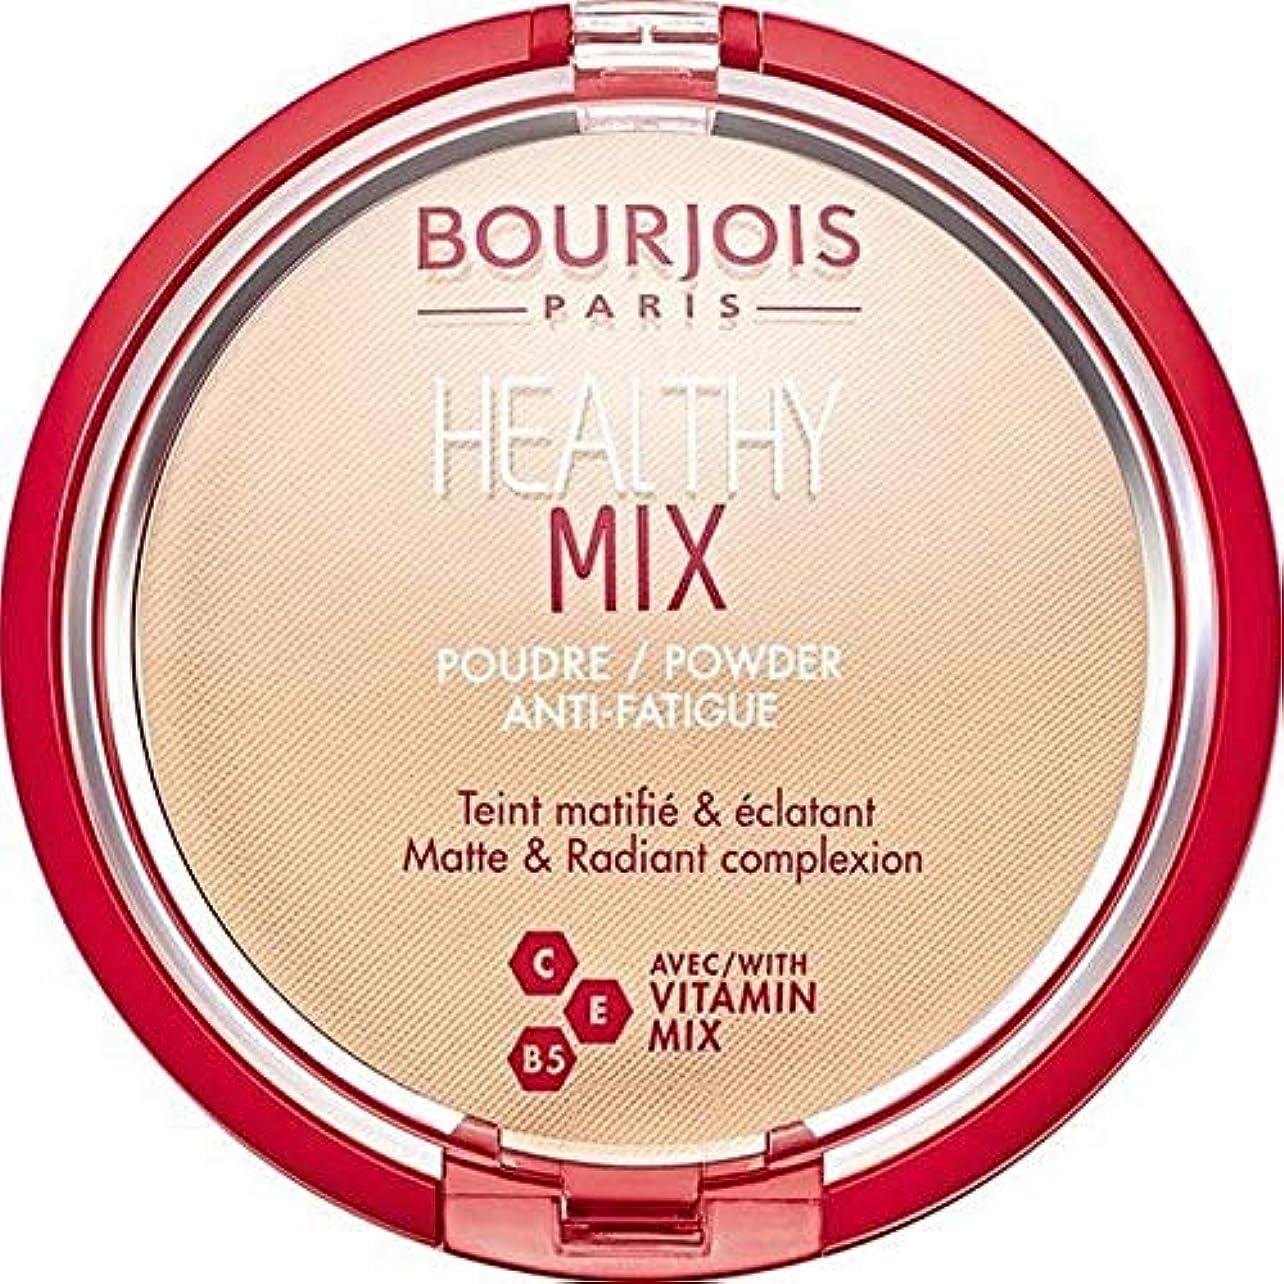 会計明るい収入[Bourjois ] ブルジョワヘルシーミックス粉1を押します - Bourjois Healthy Mix Pressed Powder 1 [並行輸入品]